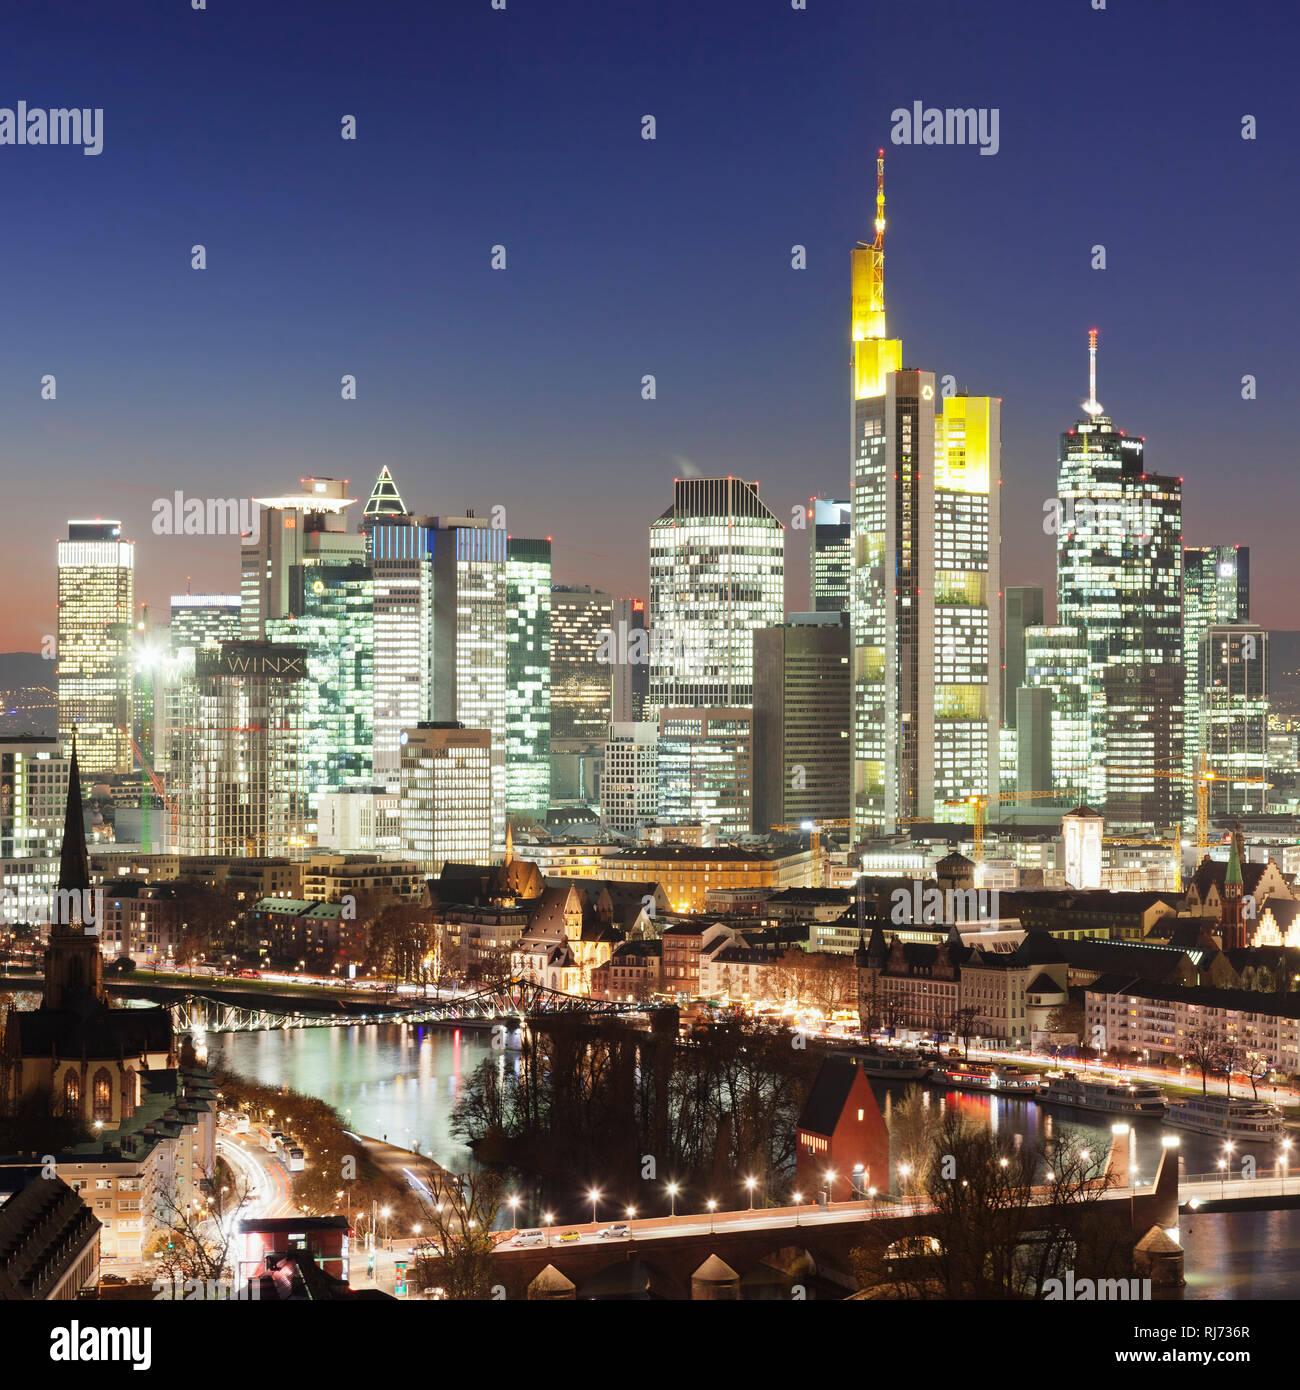 Skyline mit Bankenviertel und Kaiserdom, Frankfurt, Hessen, Deutschland - Stock Image